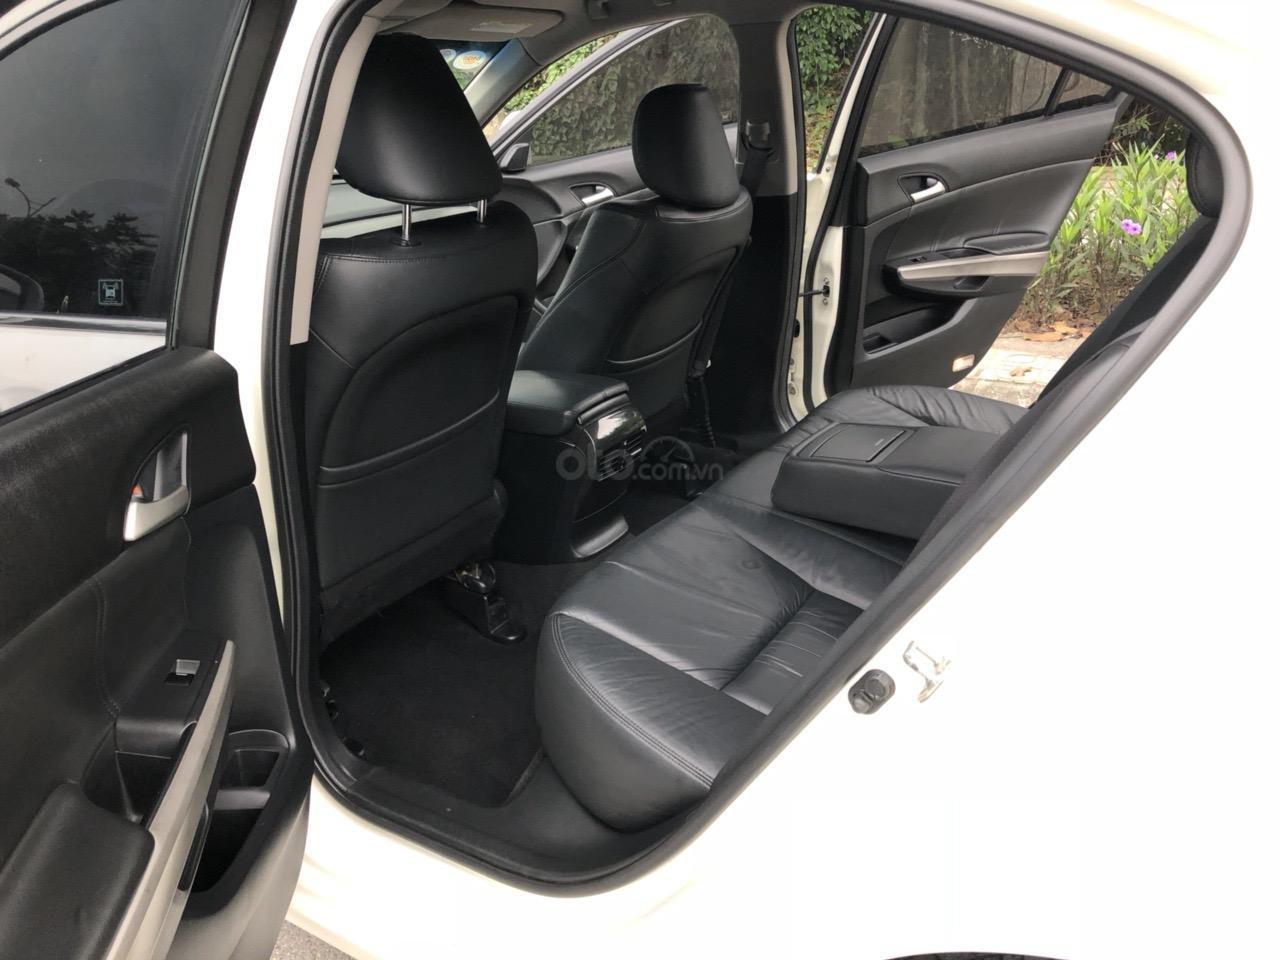 Bán Honda Accord 2.4S 2011 xe nhập, đẹp đến từng milimet, thật đấy-10